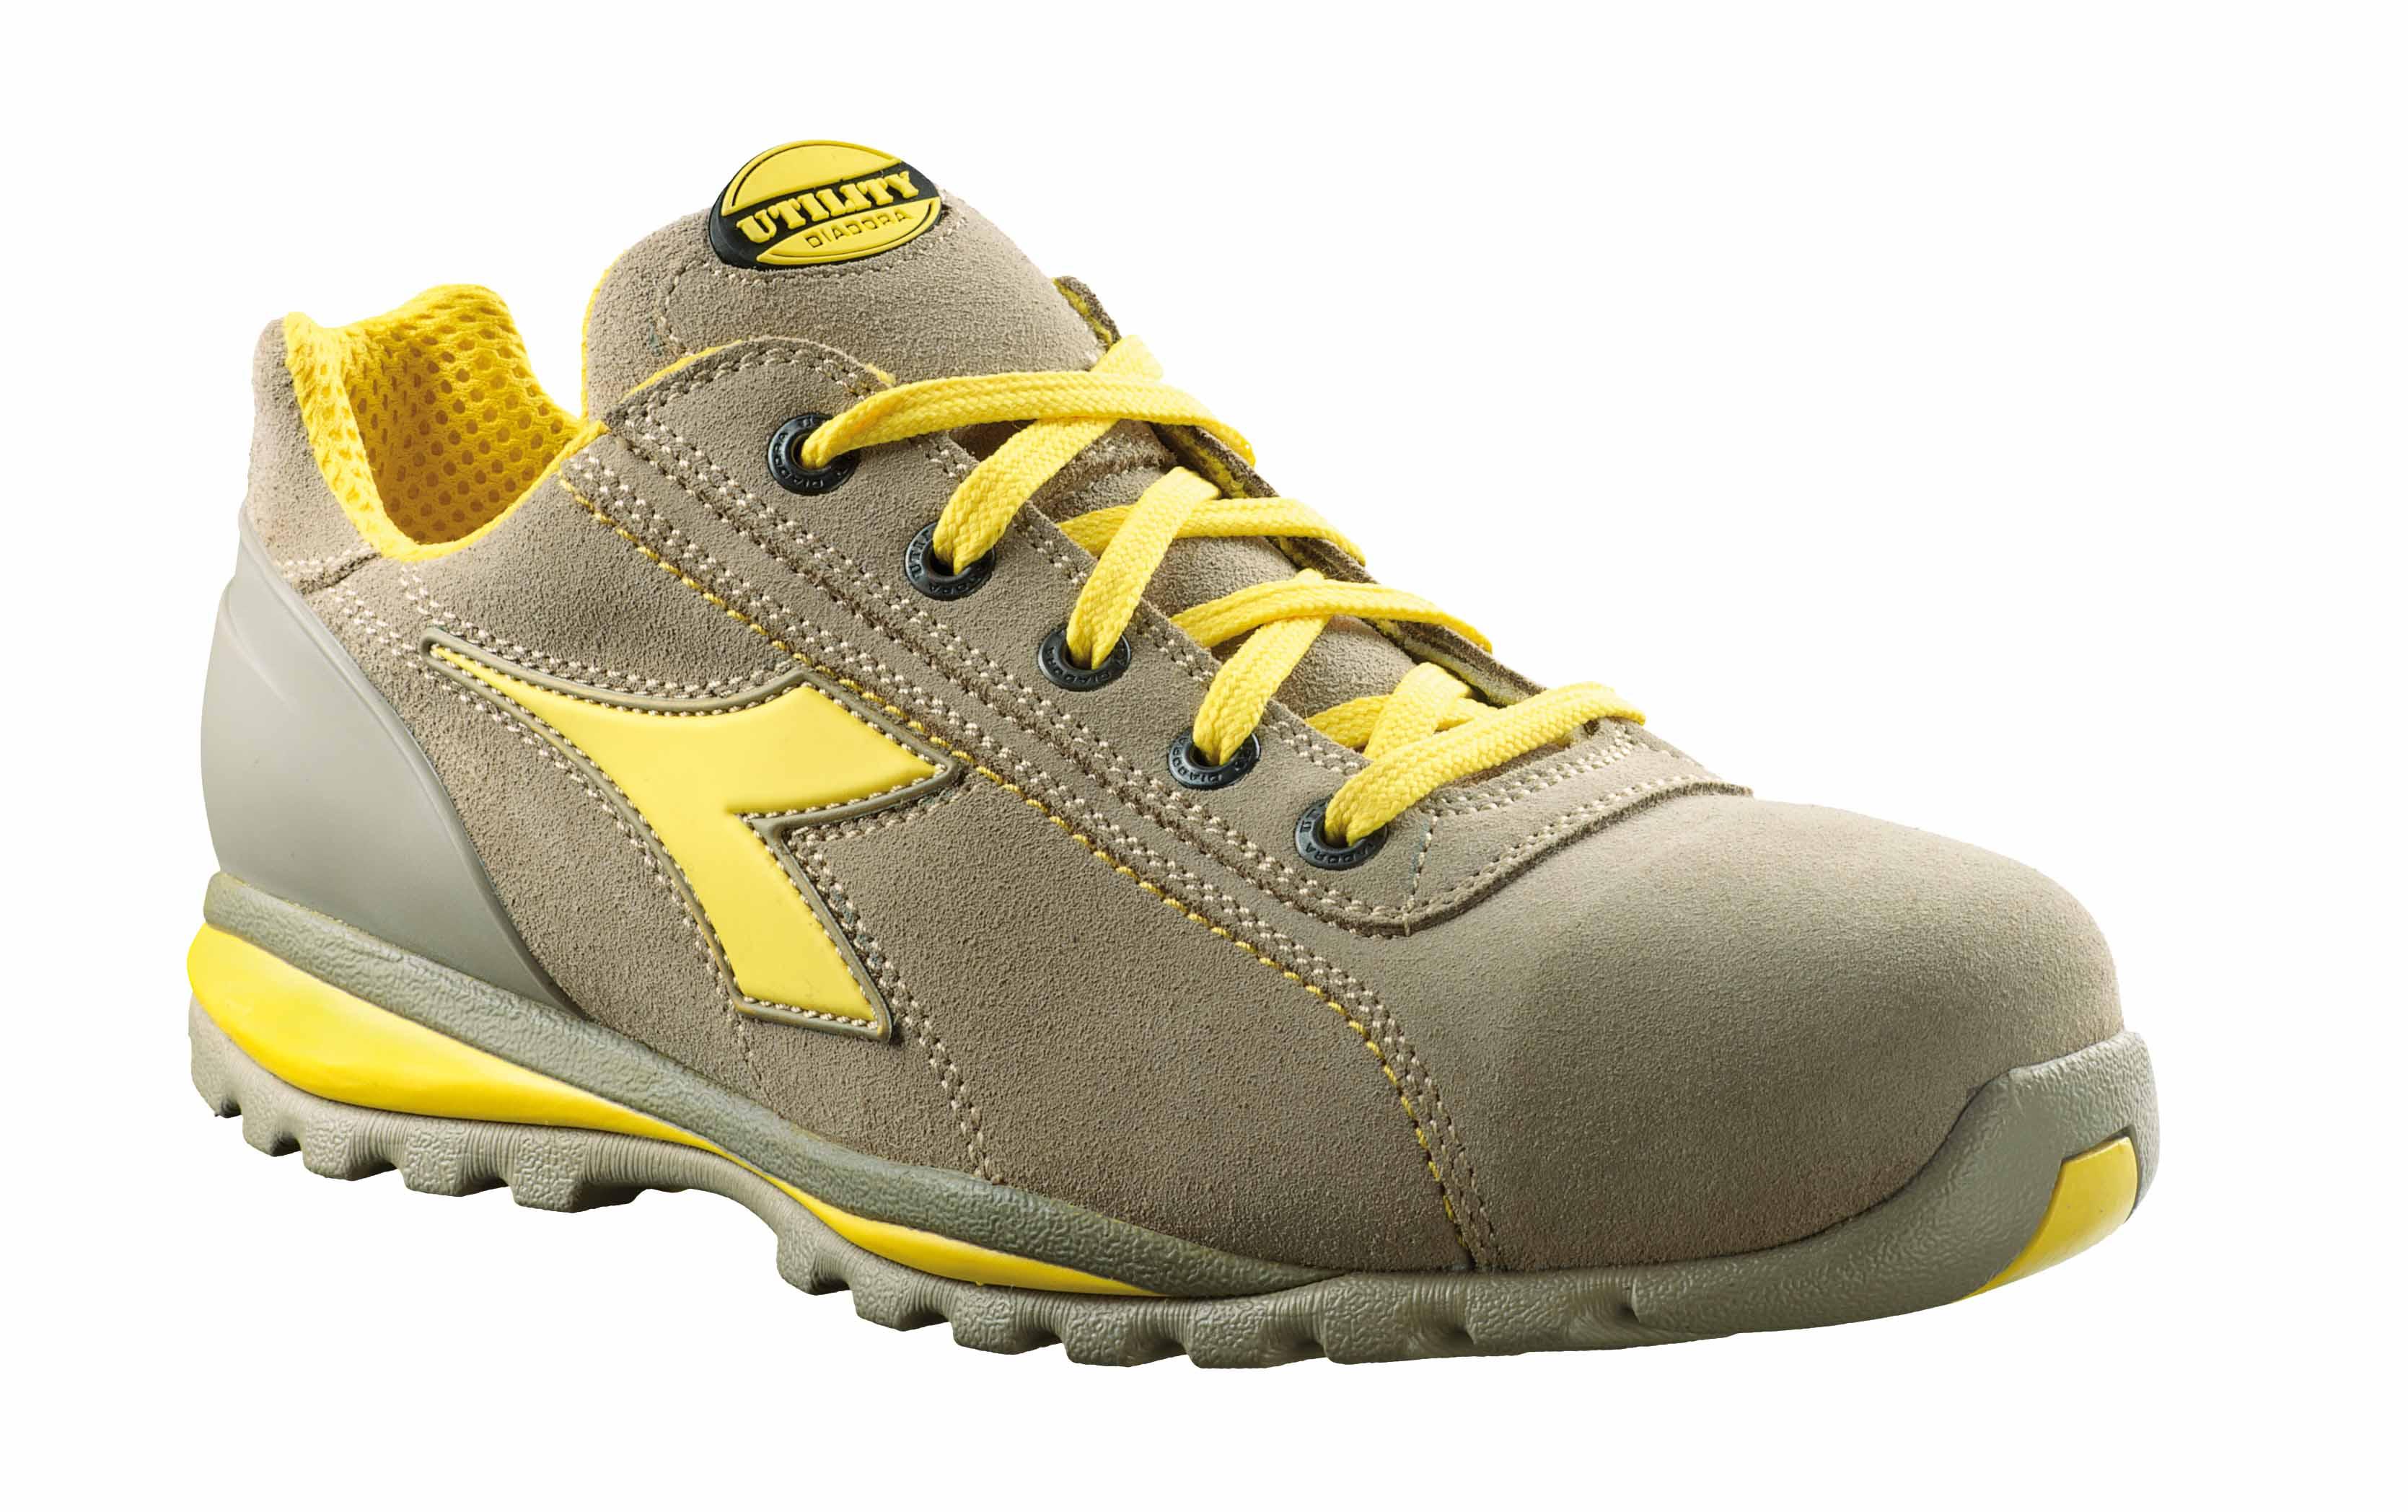 scarpa Glove S3 Diadora